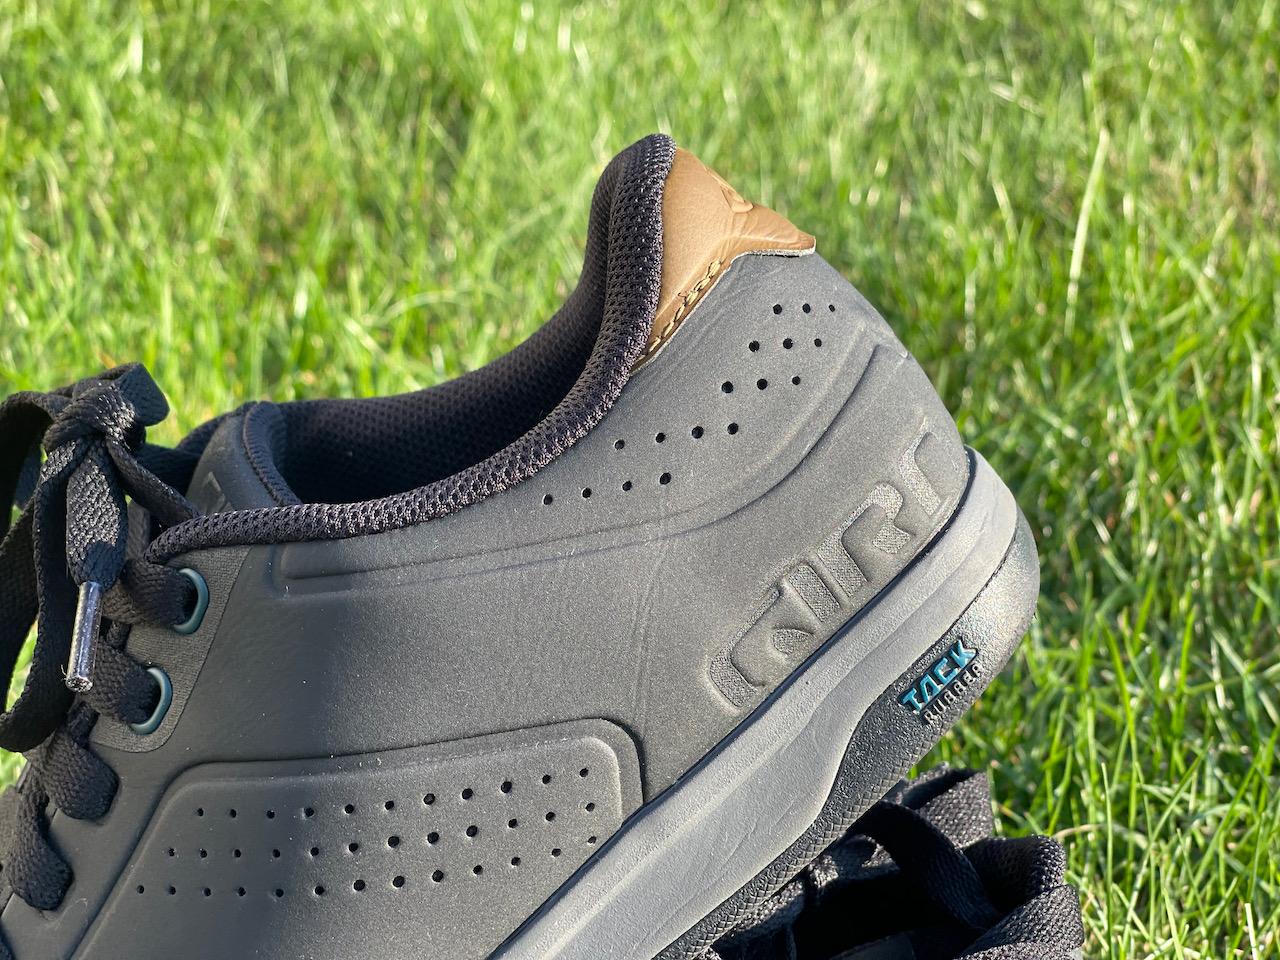 Giro Latch MTB shoes heel detail